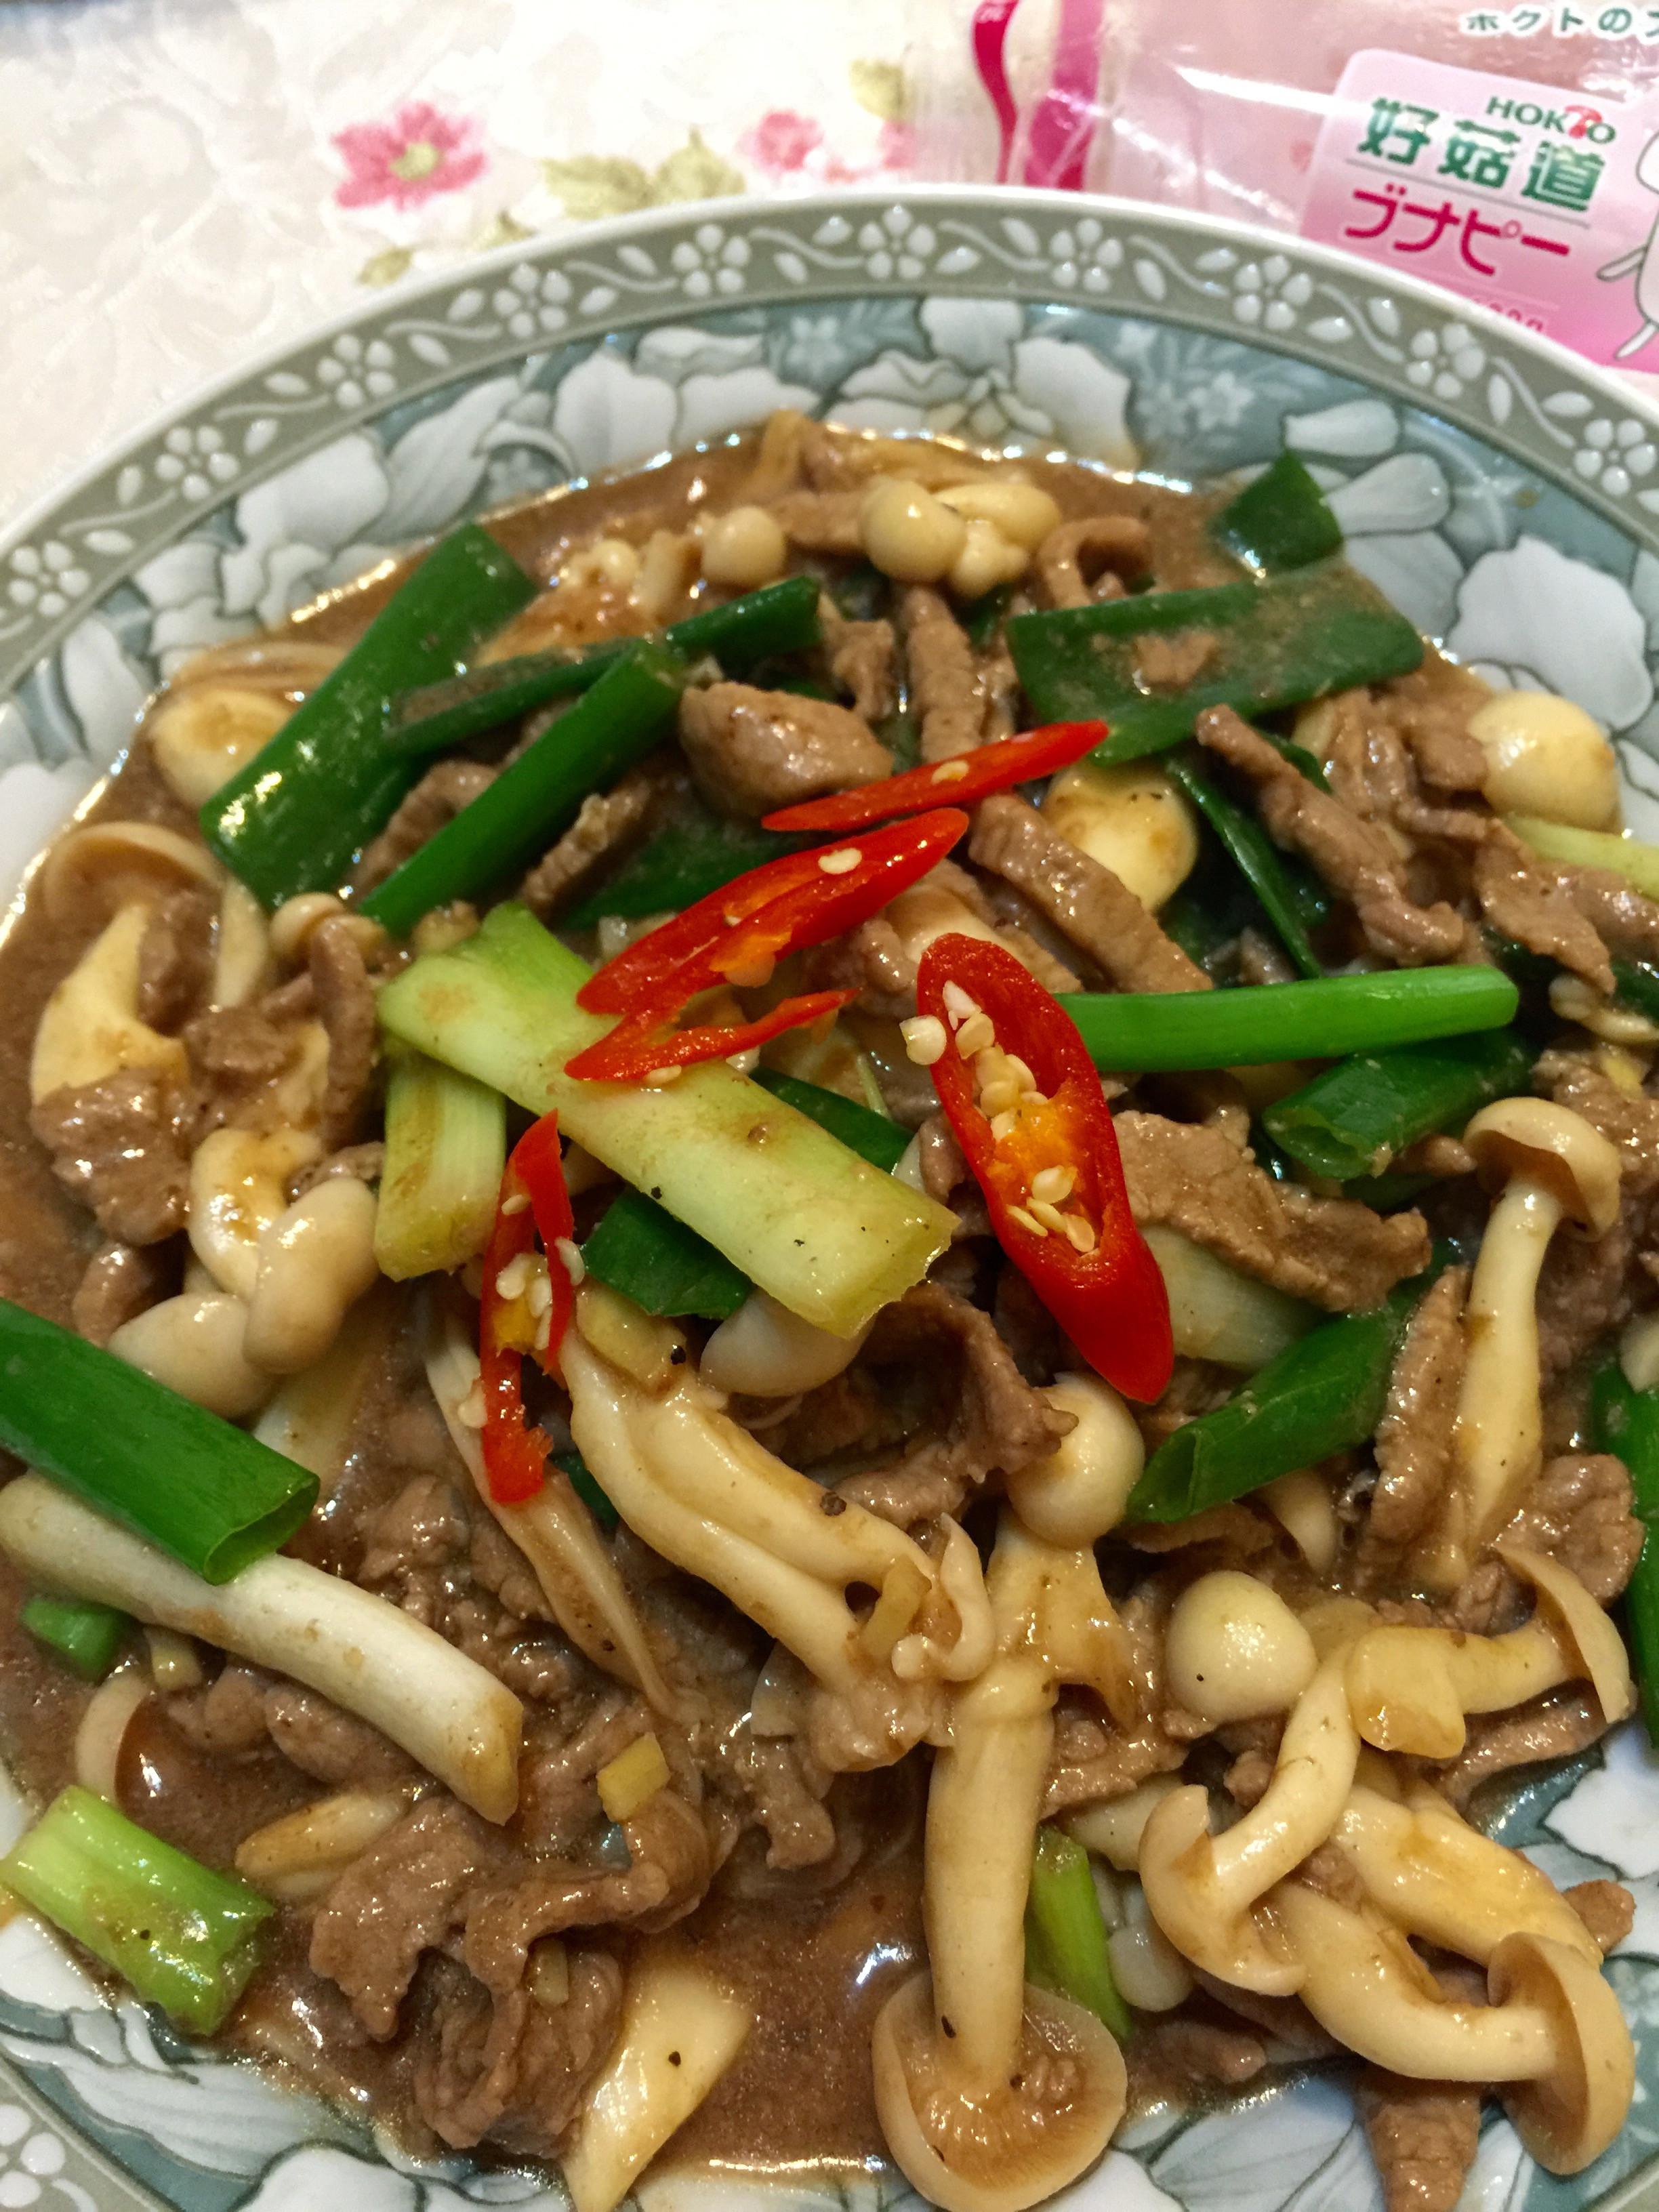 蔥香黑胡椒牛柳炒鮮菇「好菇道美味家廚」